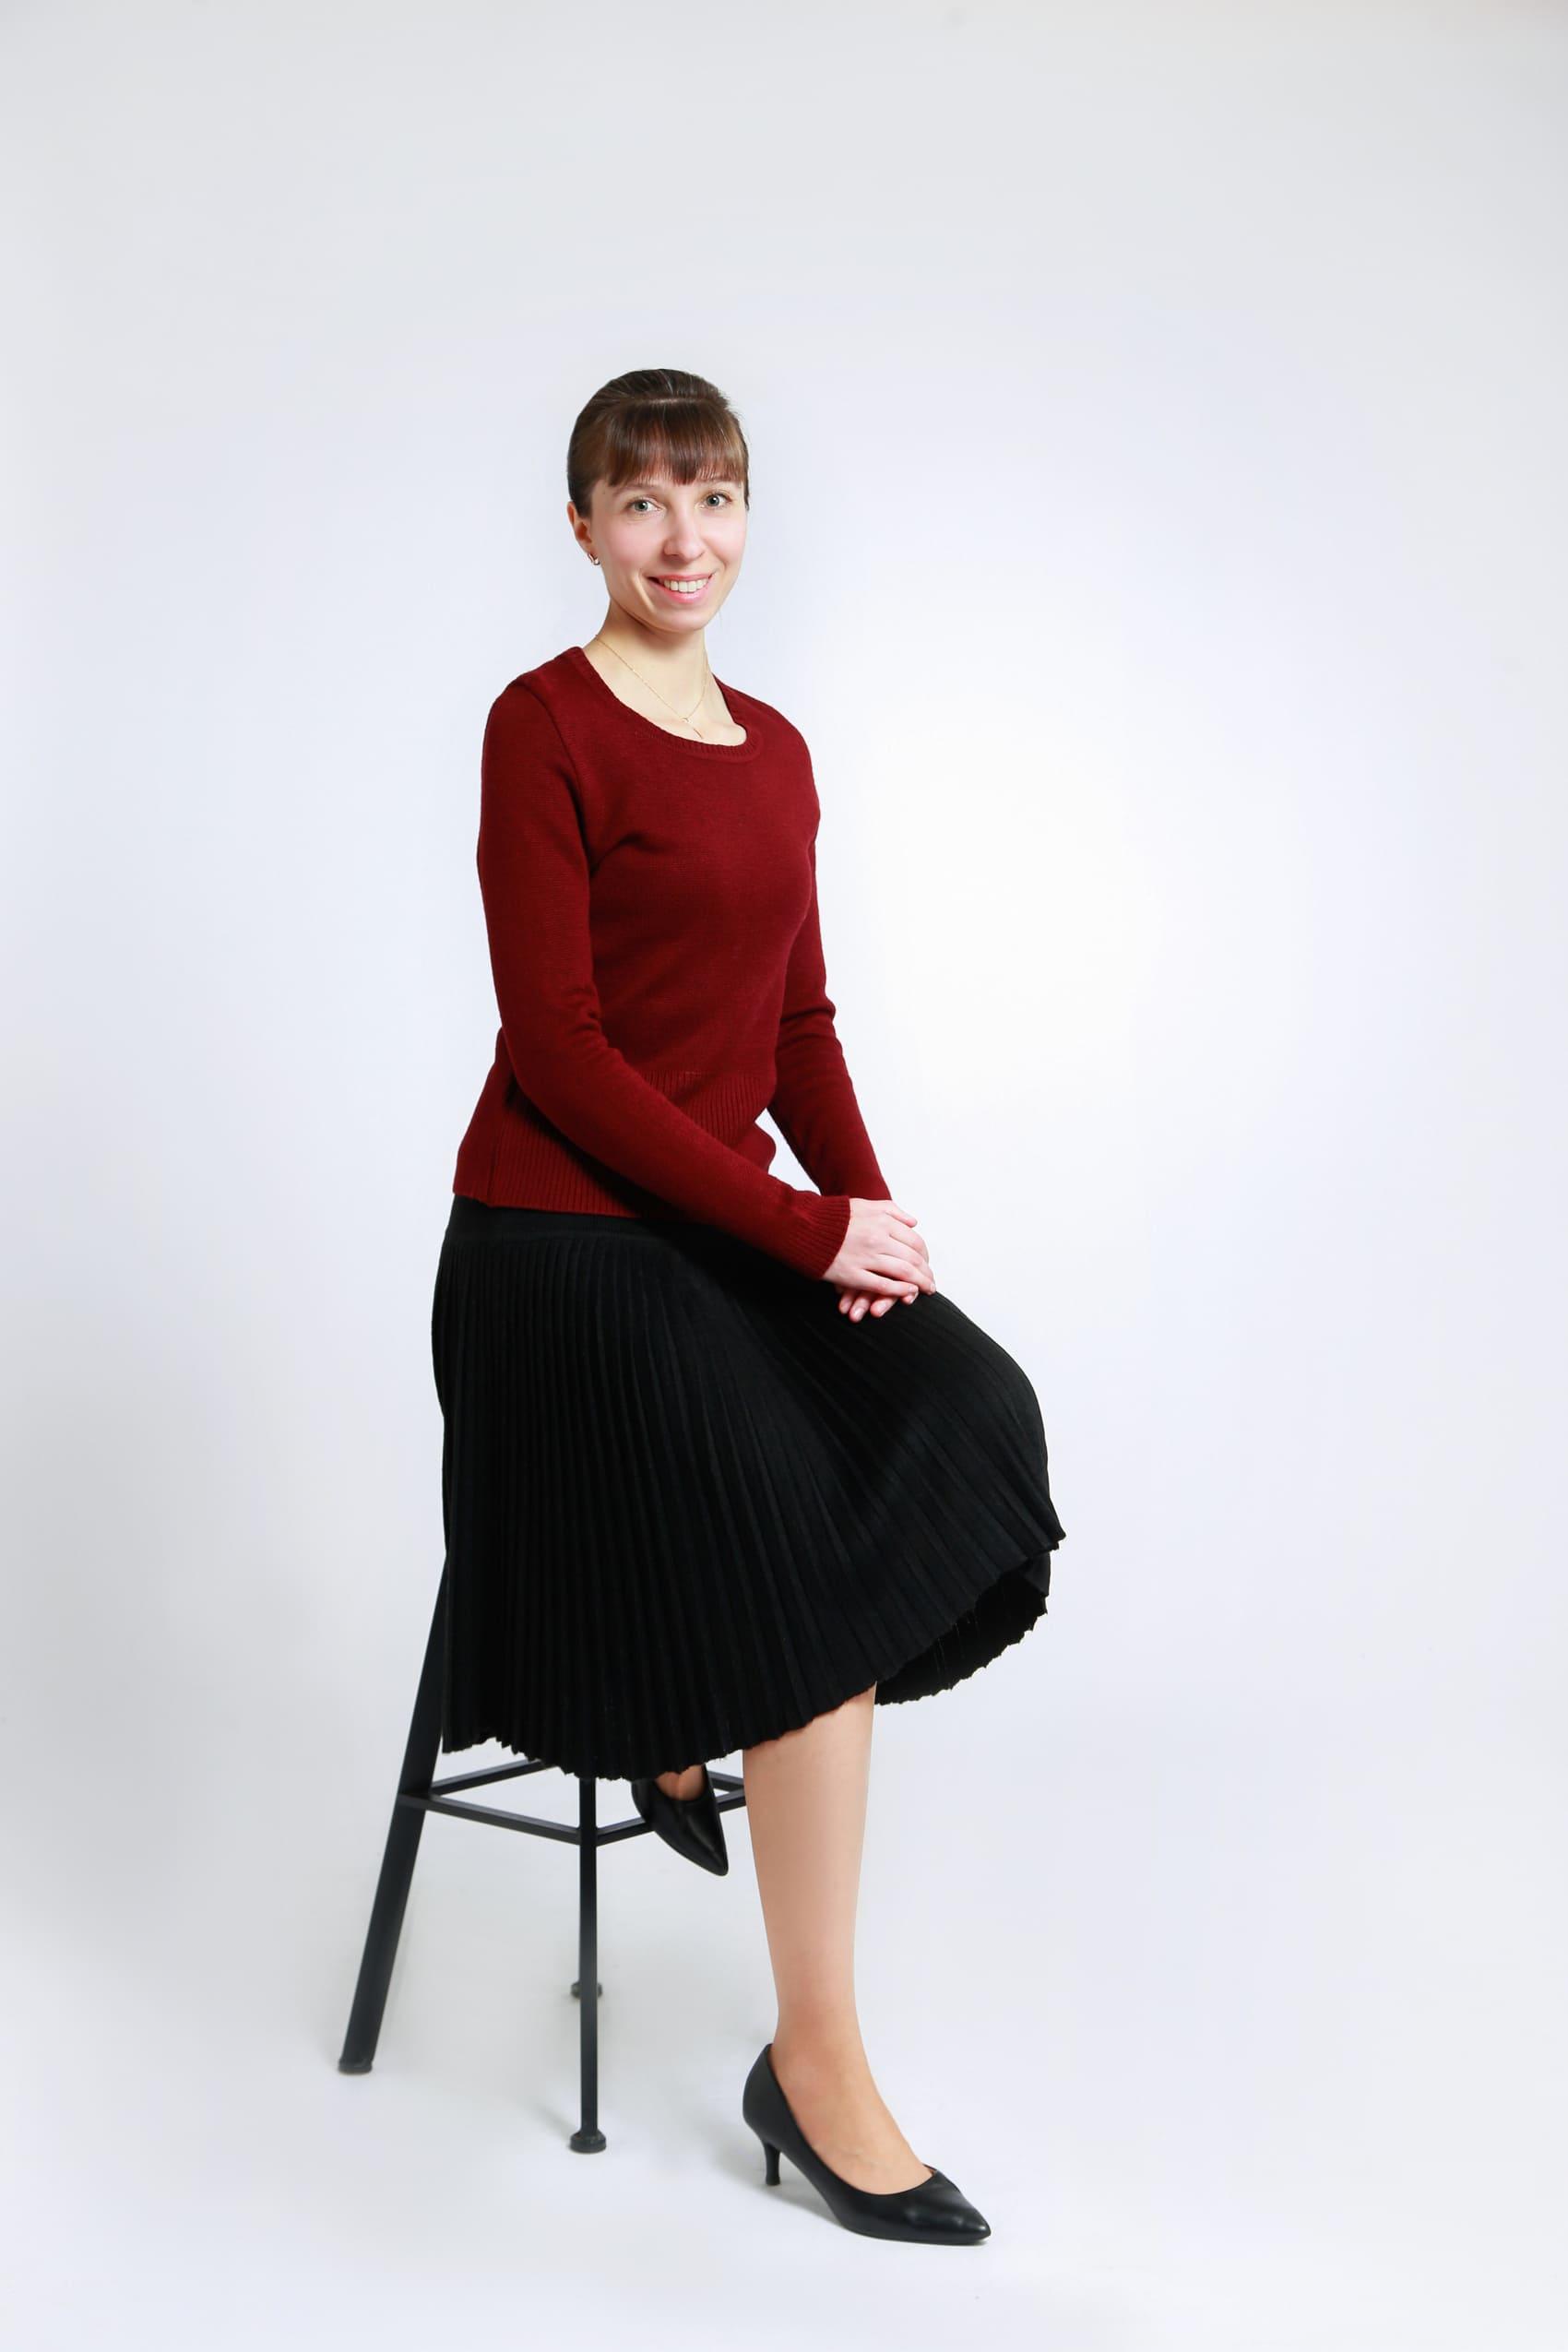 Трикотажная юбка плисе для учителя